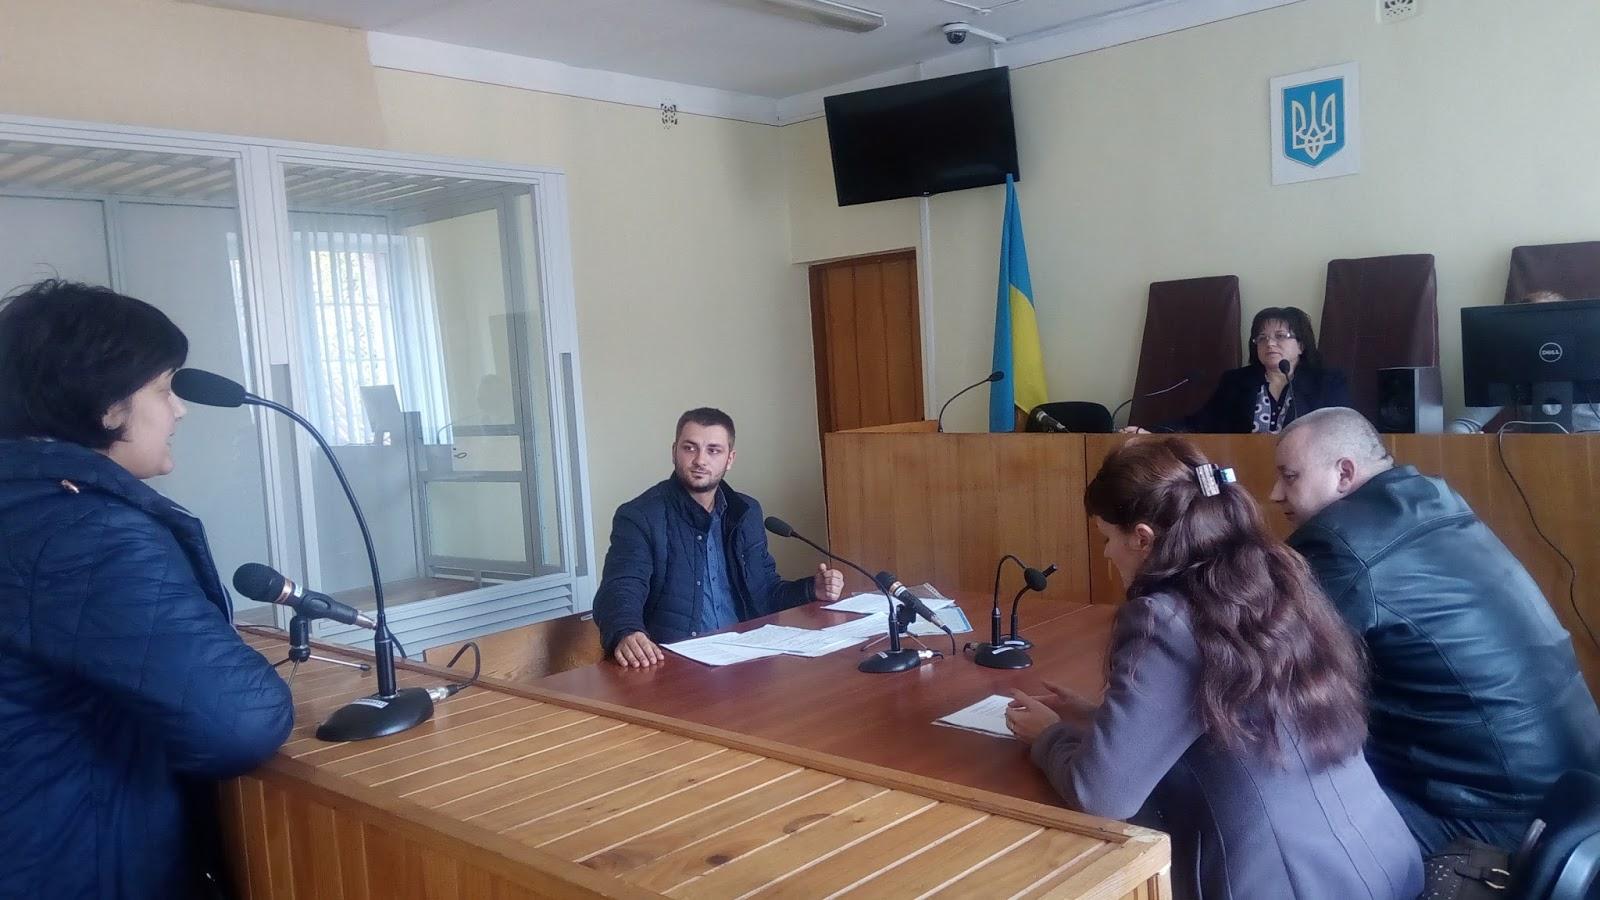 Сьогодні відбудеться суд за позовом закарпатської чиновниці, яка не поважає прапор України (відео)